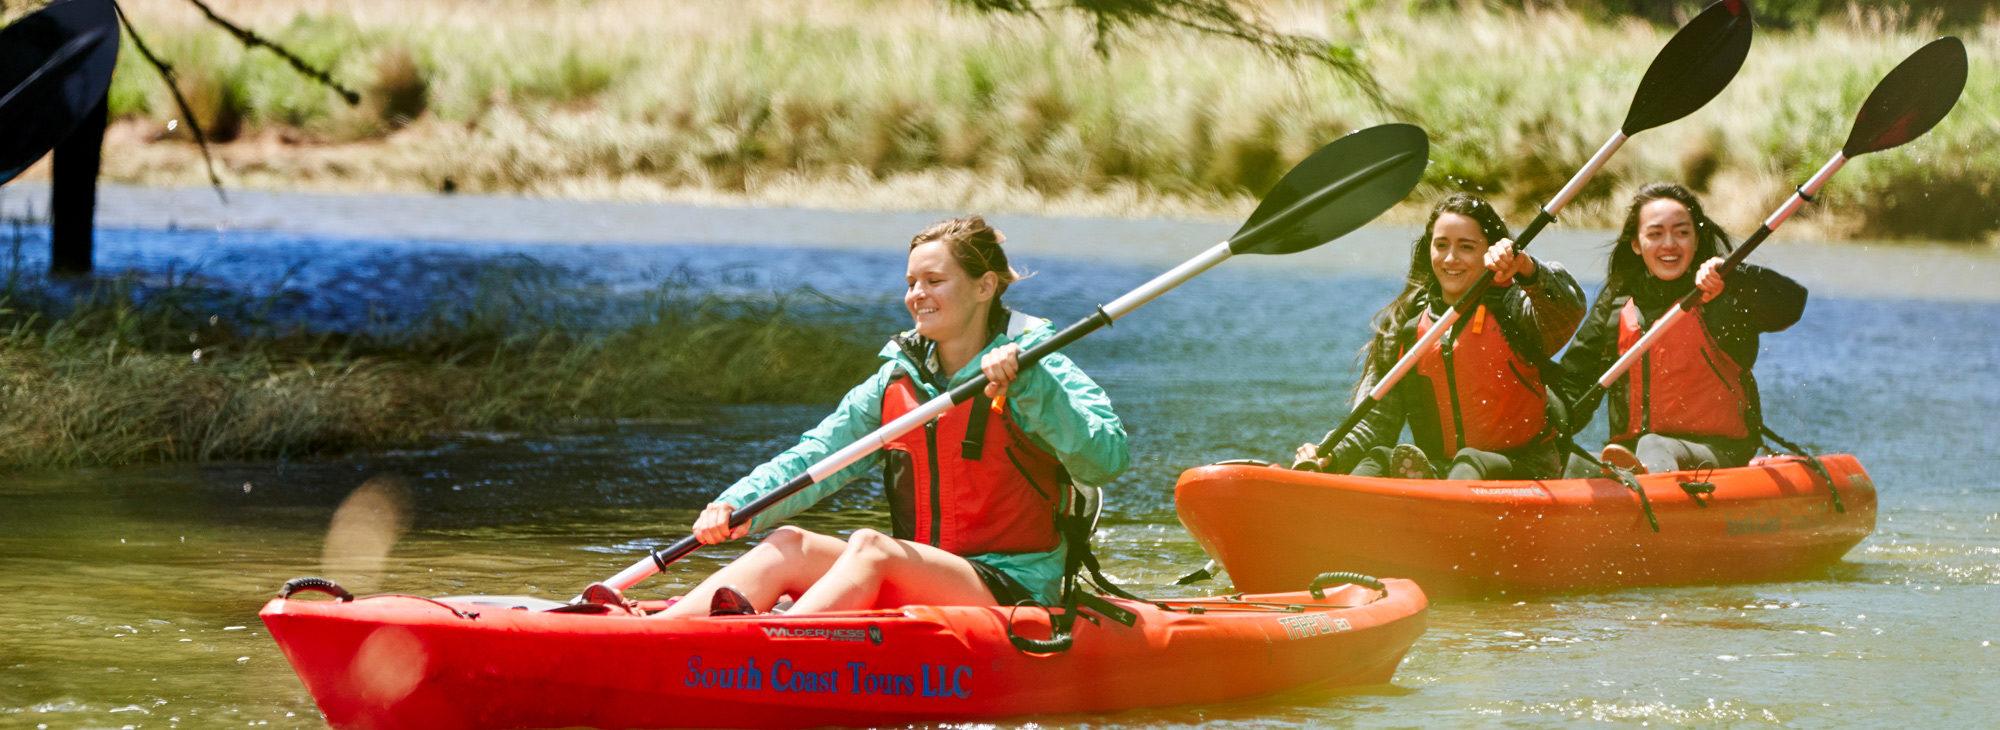 Three women kayaking